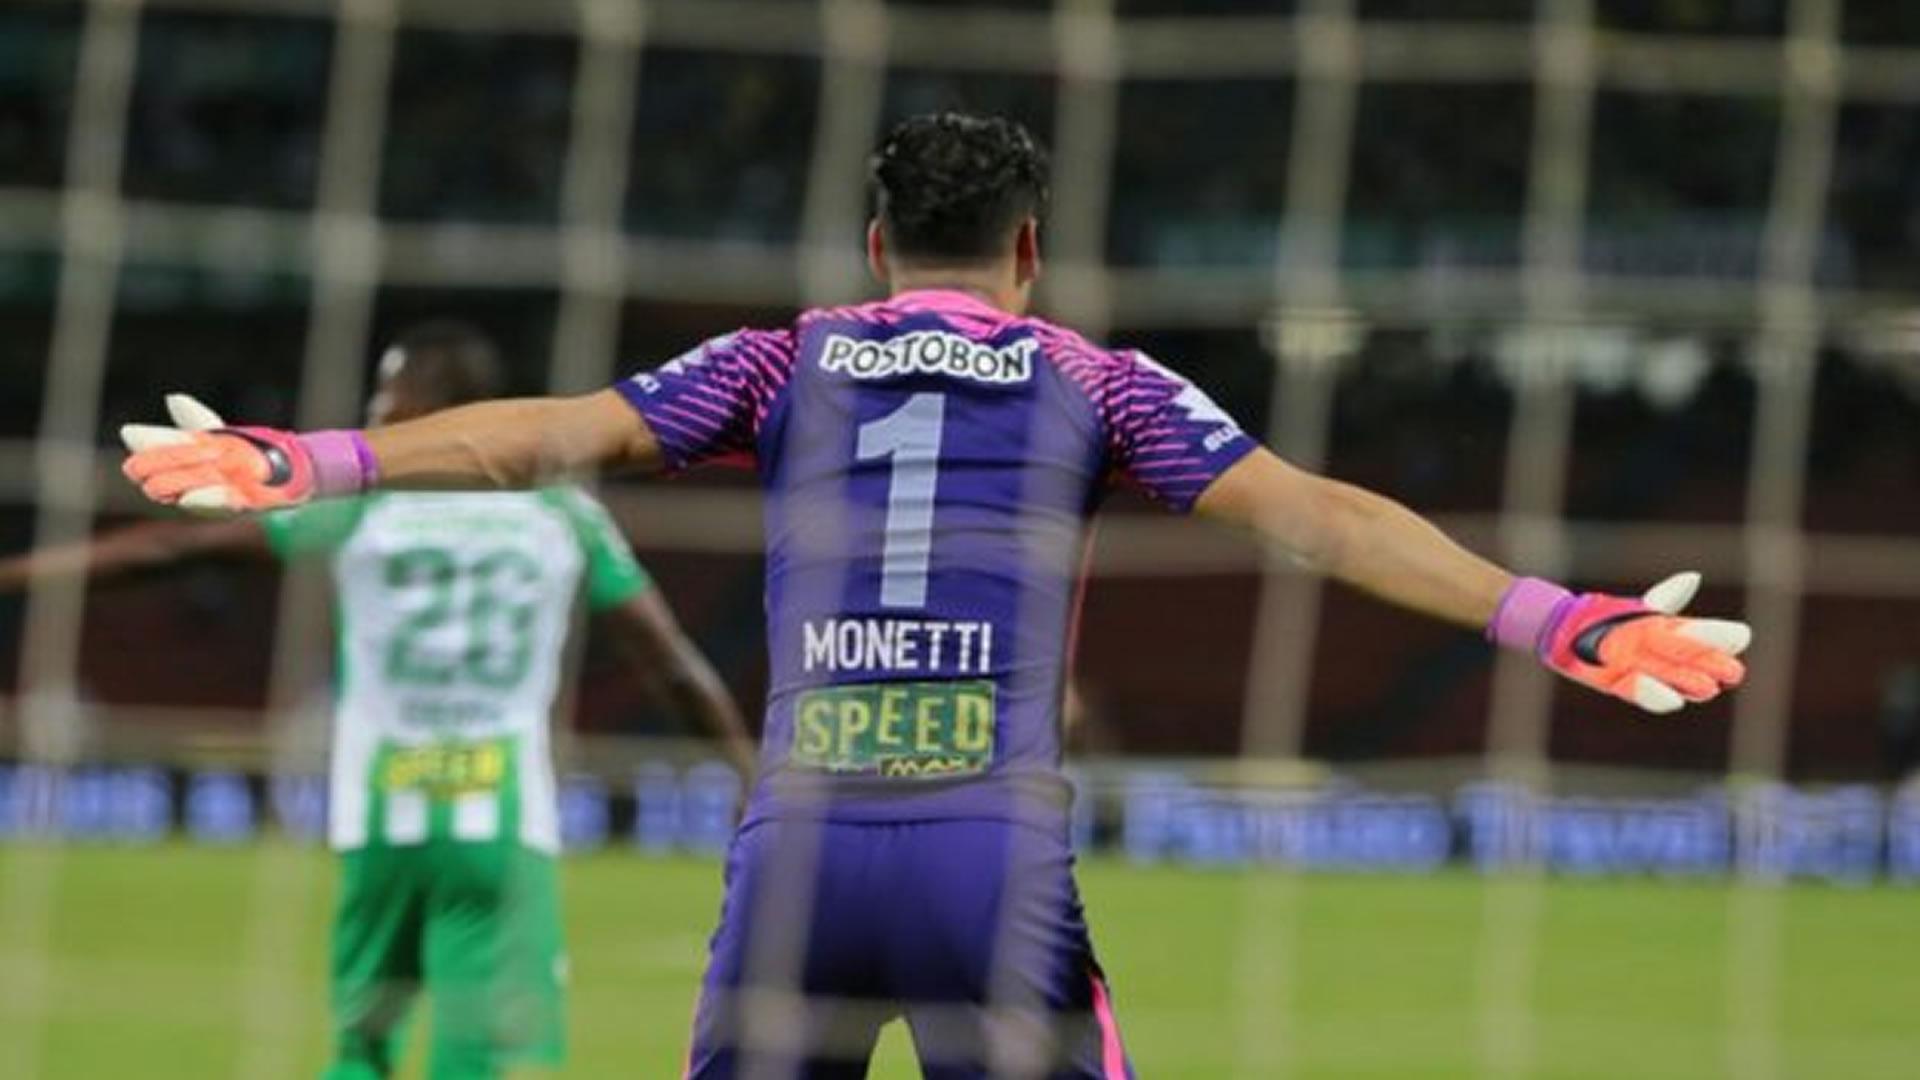 Fernando Monetti Atlético Nacional Liga Águila 2018